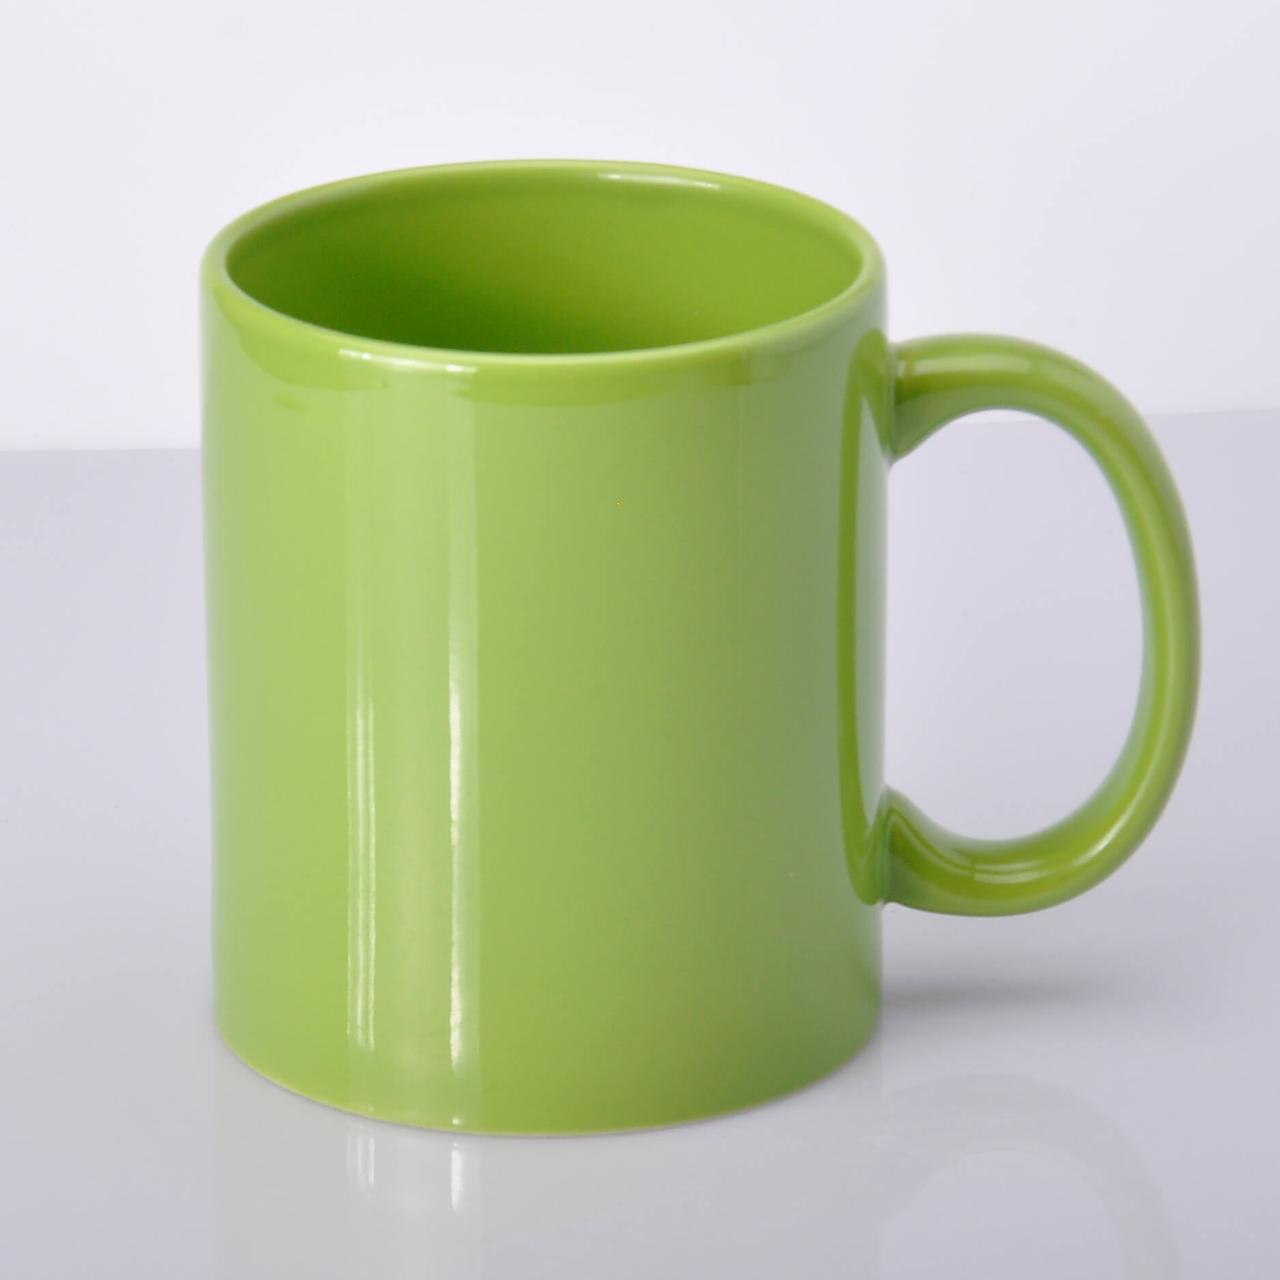 Чашка для сублимации цветная FullColor 330 мл Салатовая